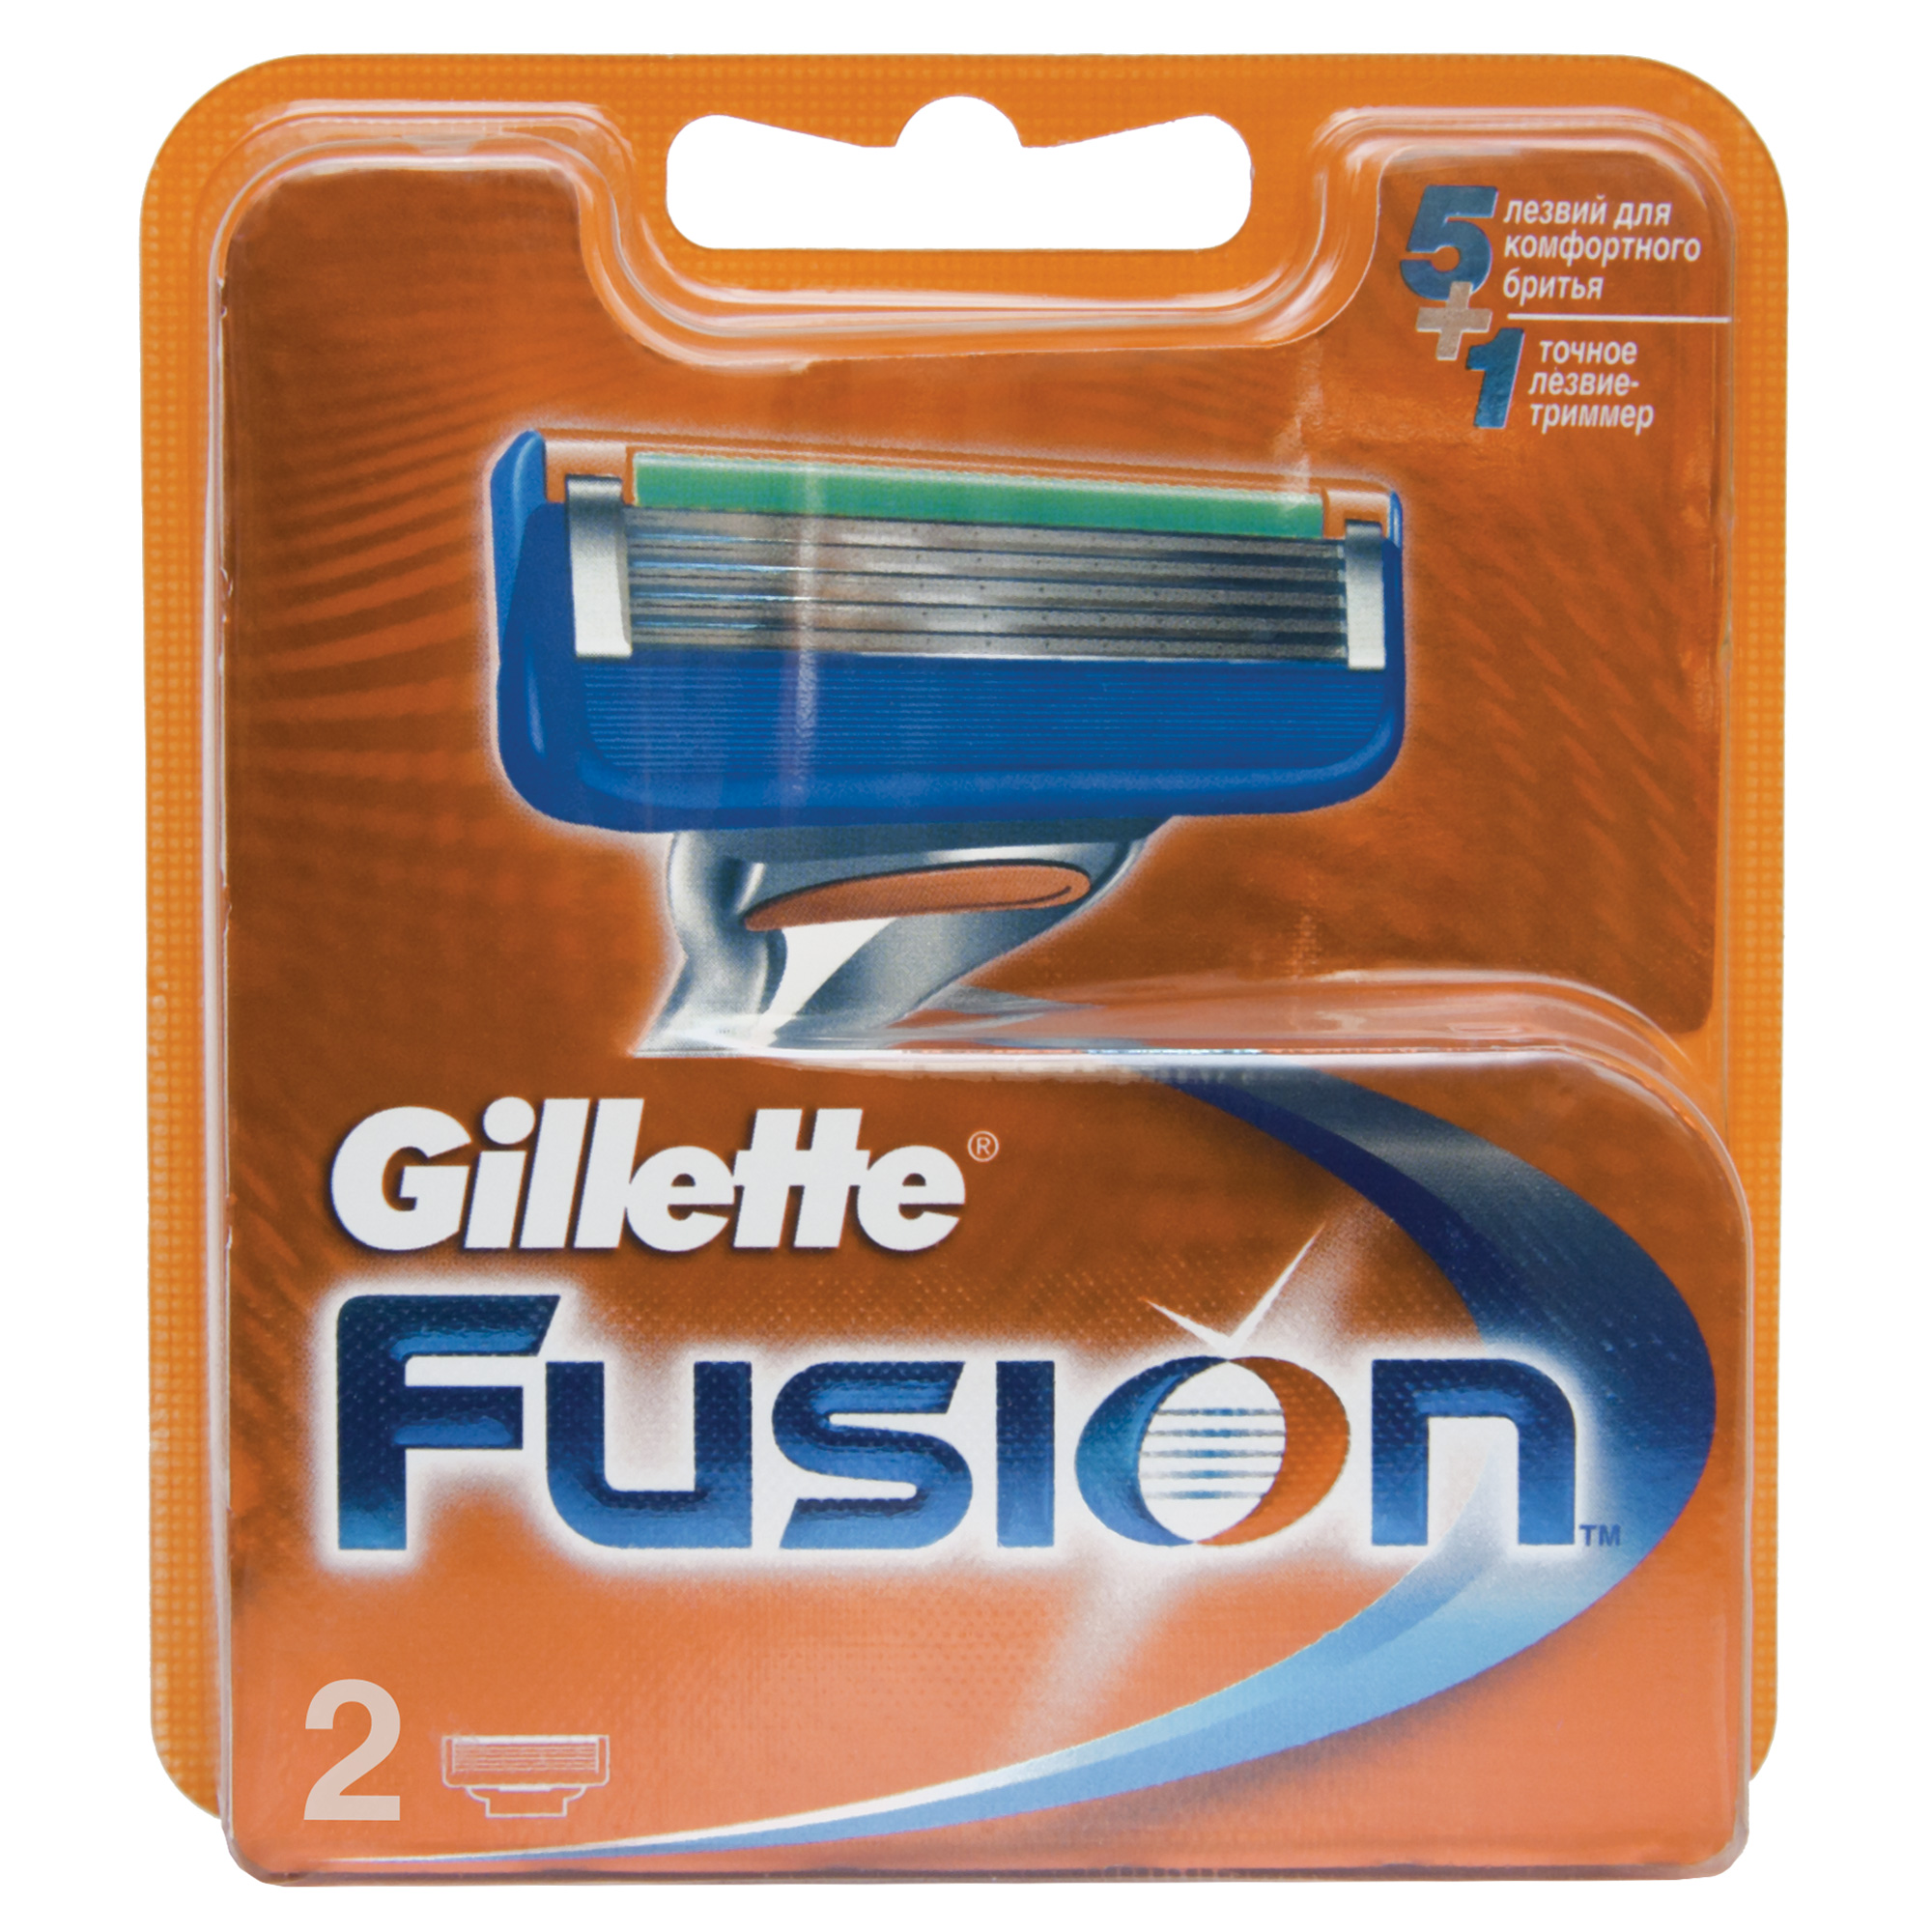 Gillette Fusion Сменные кассеты , 2 шт. - Мужские средства для бритья и уход за бородой